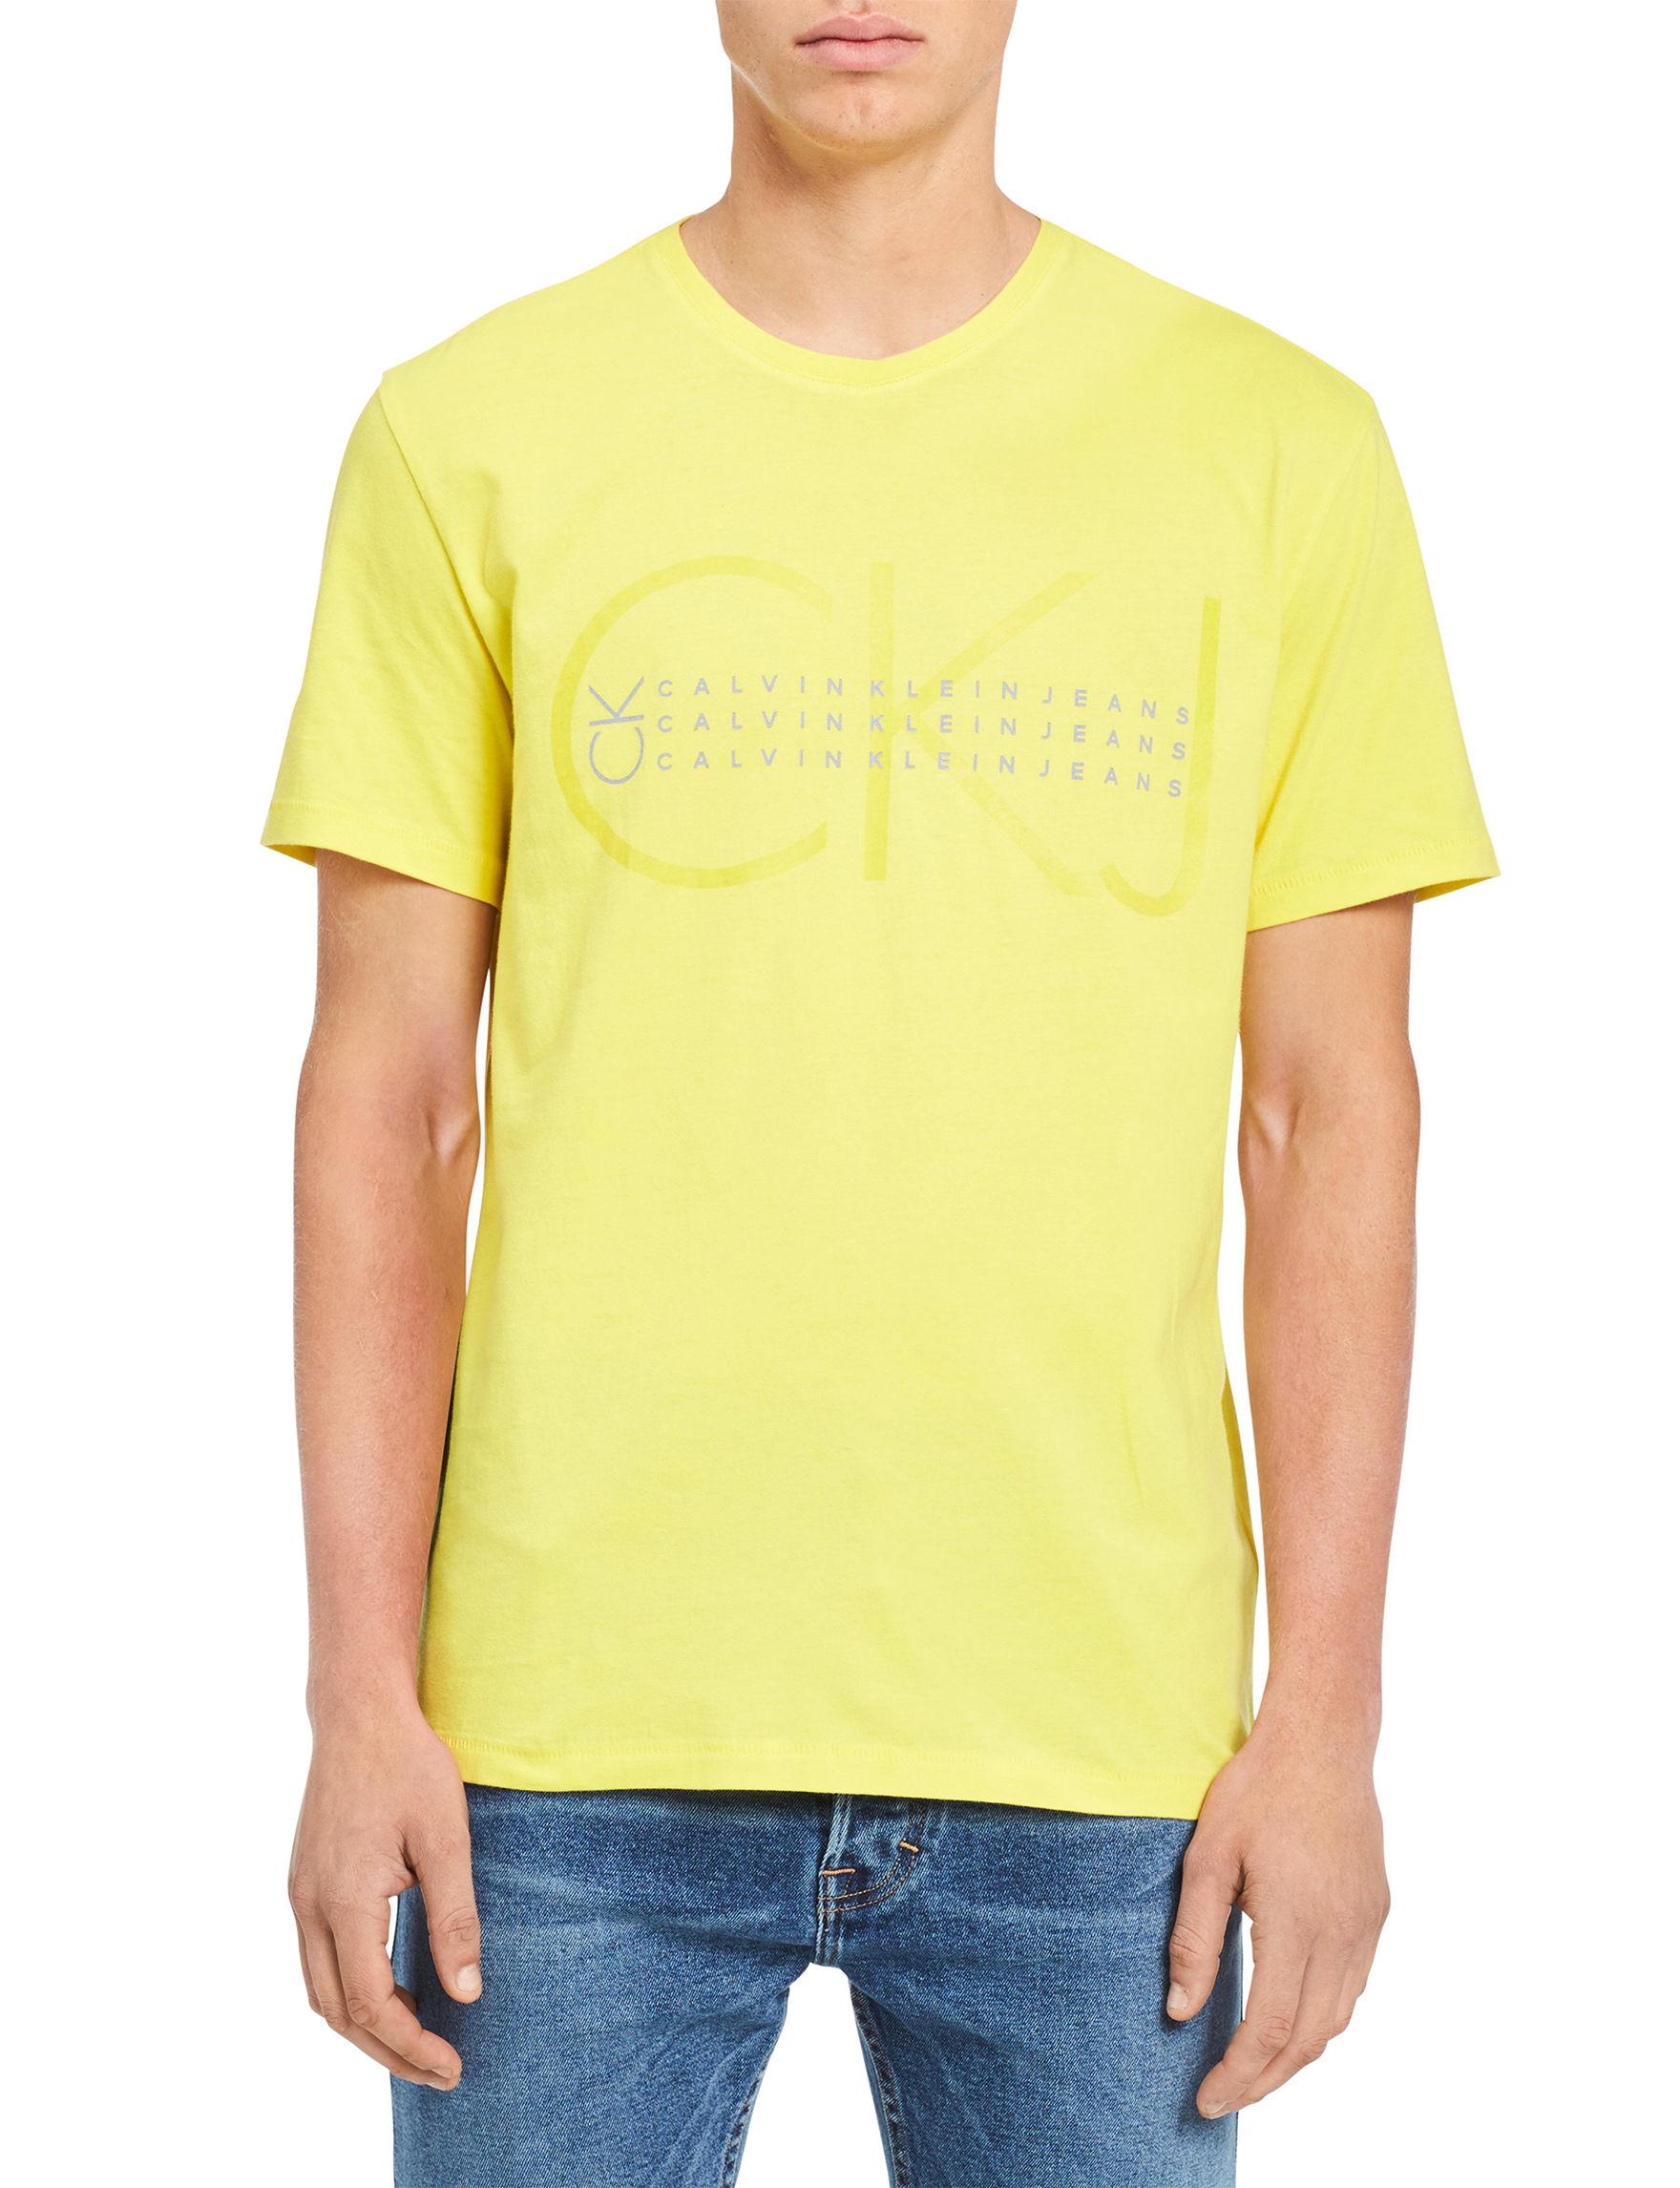 Calvin Klein Yellow Tees & Tanks